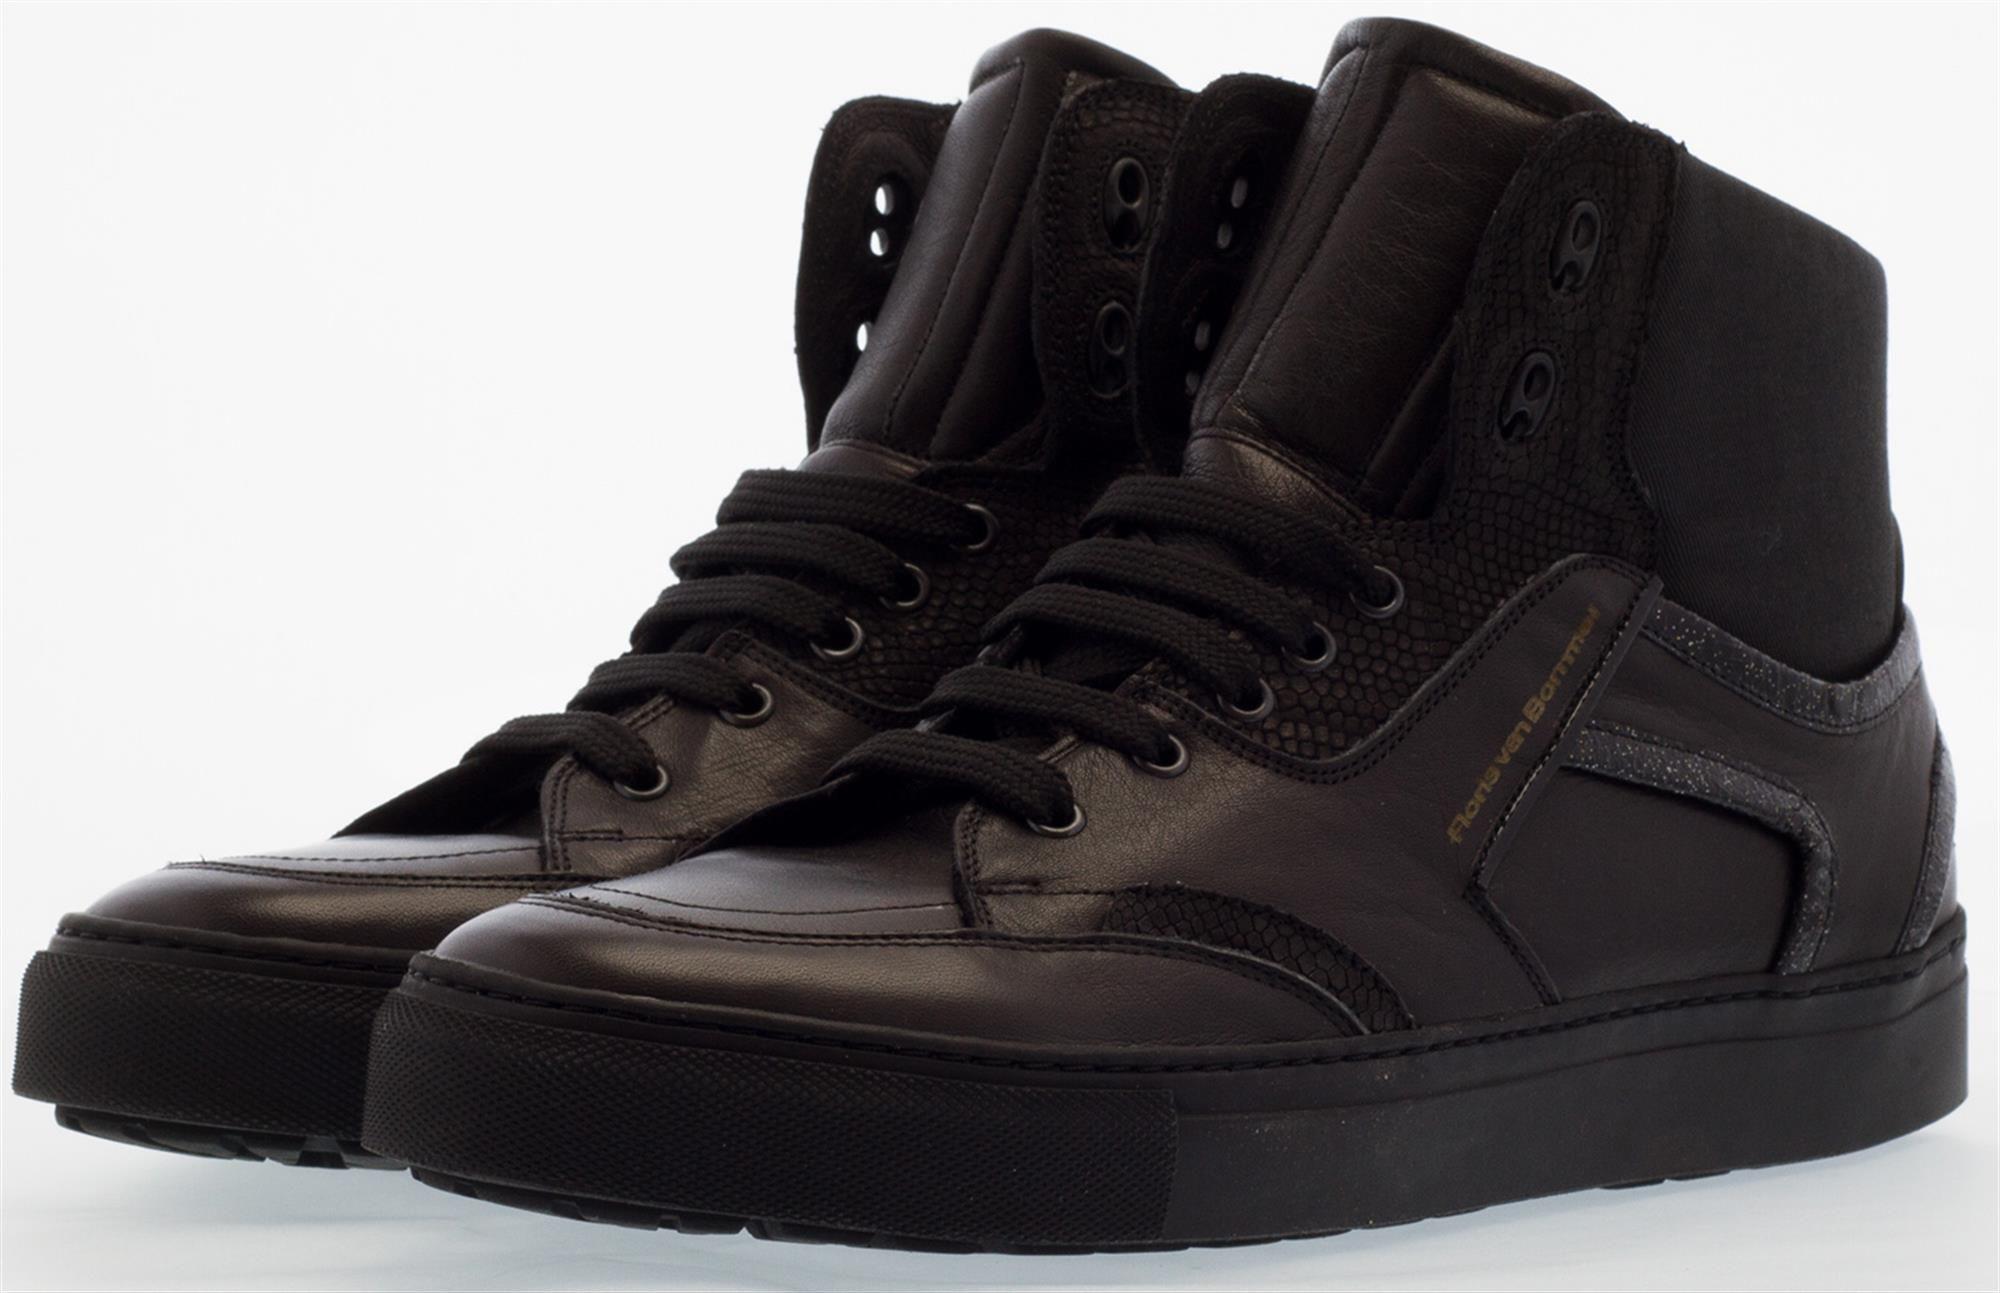 Floris Van Bommel High Top Sneakers Top Sneakers Sneakers